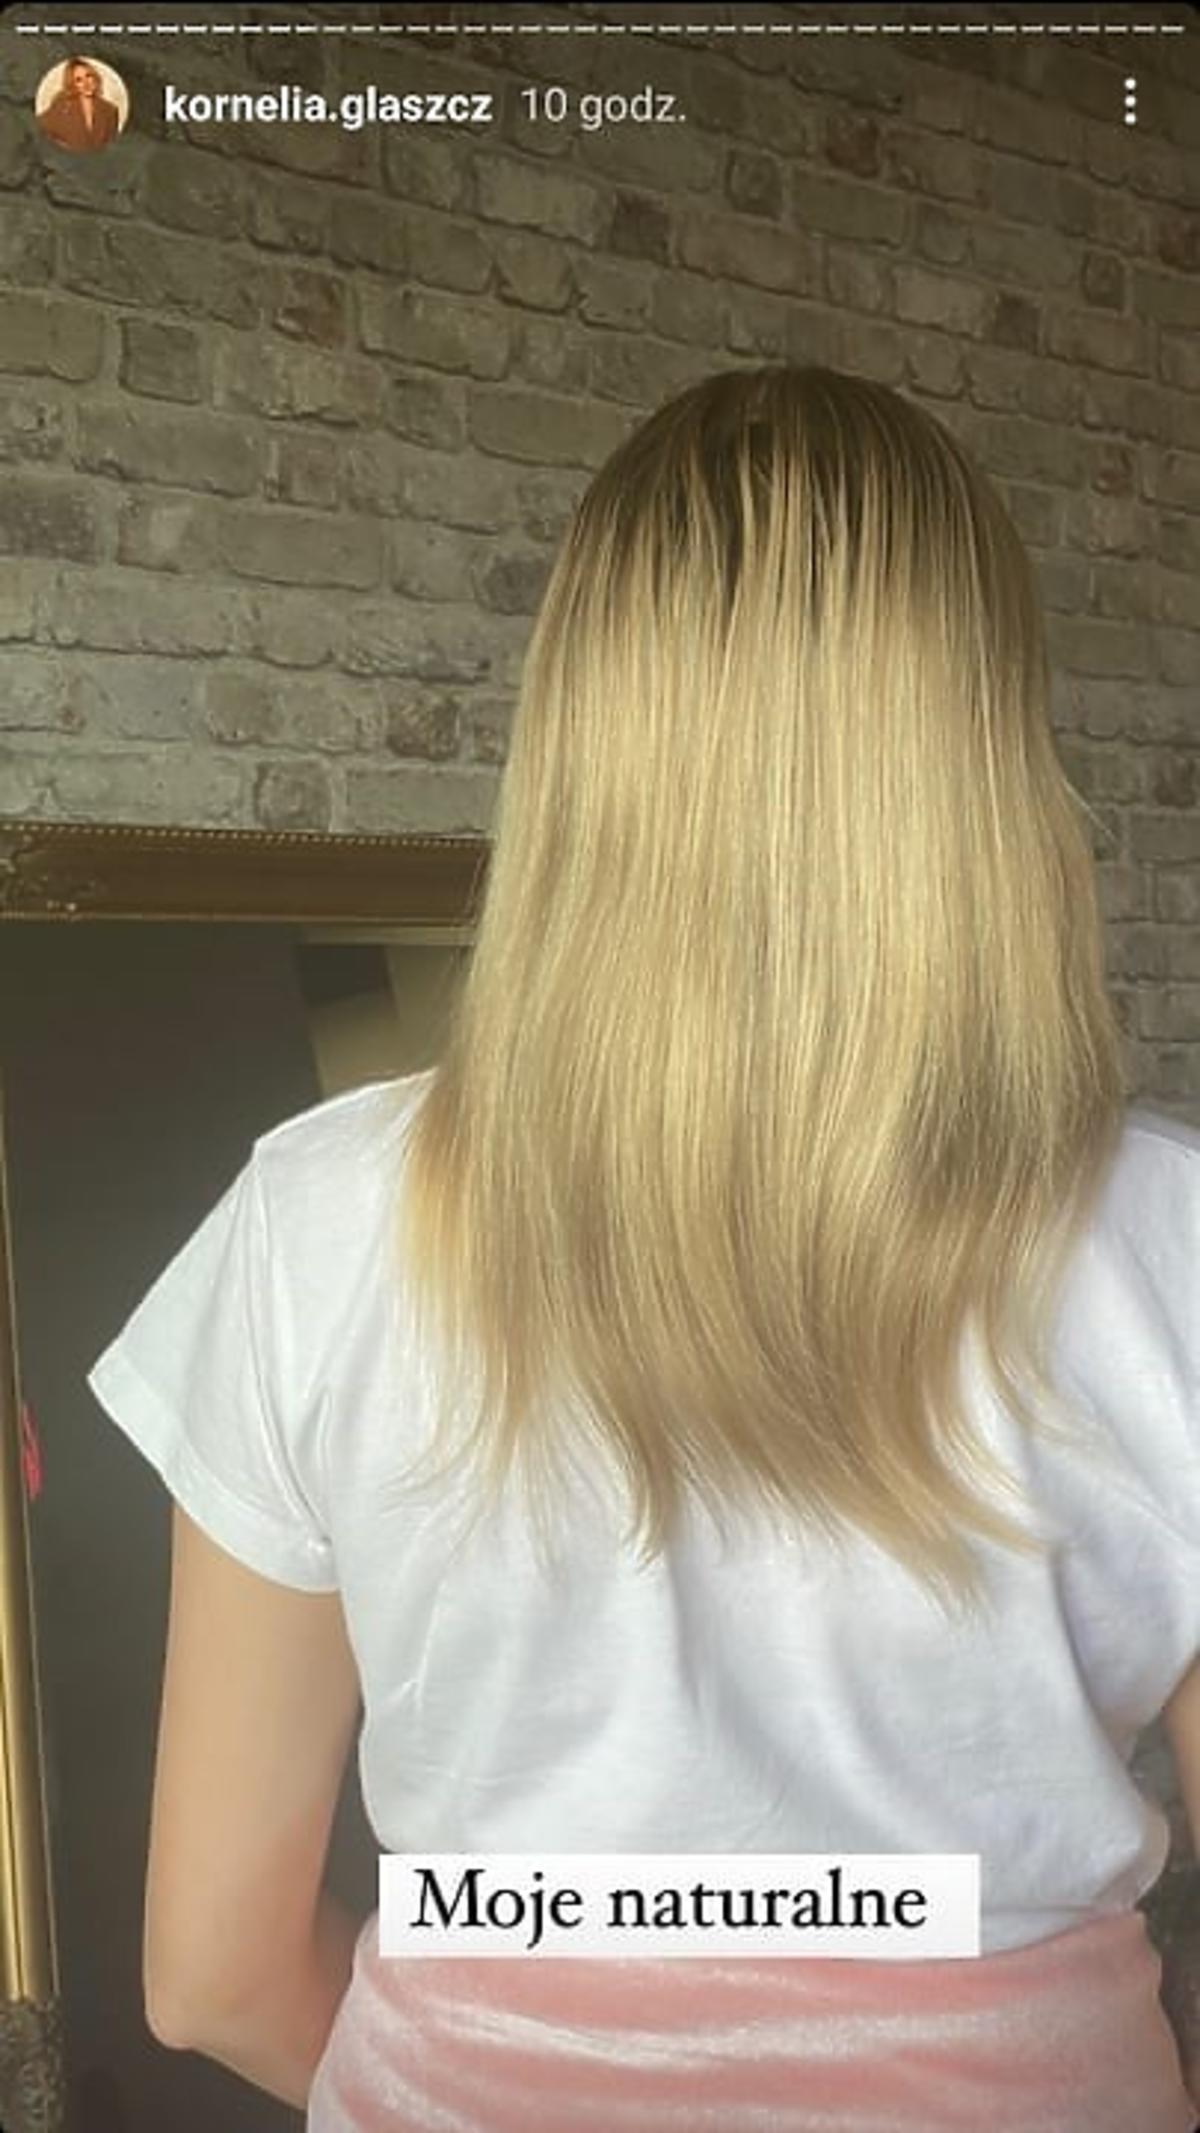 KOrnelia z Hotel Paradise pokazała swoje naturalne włosy